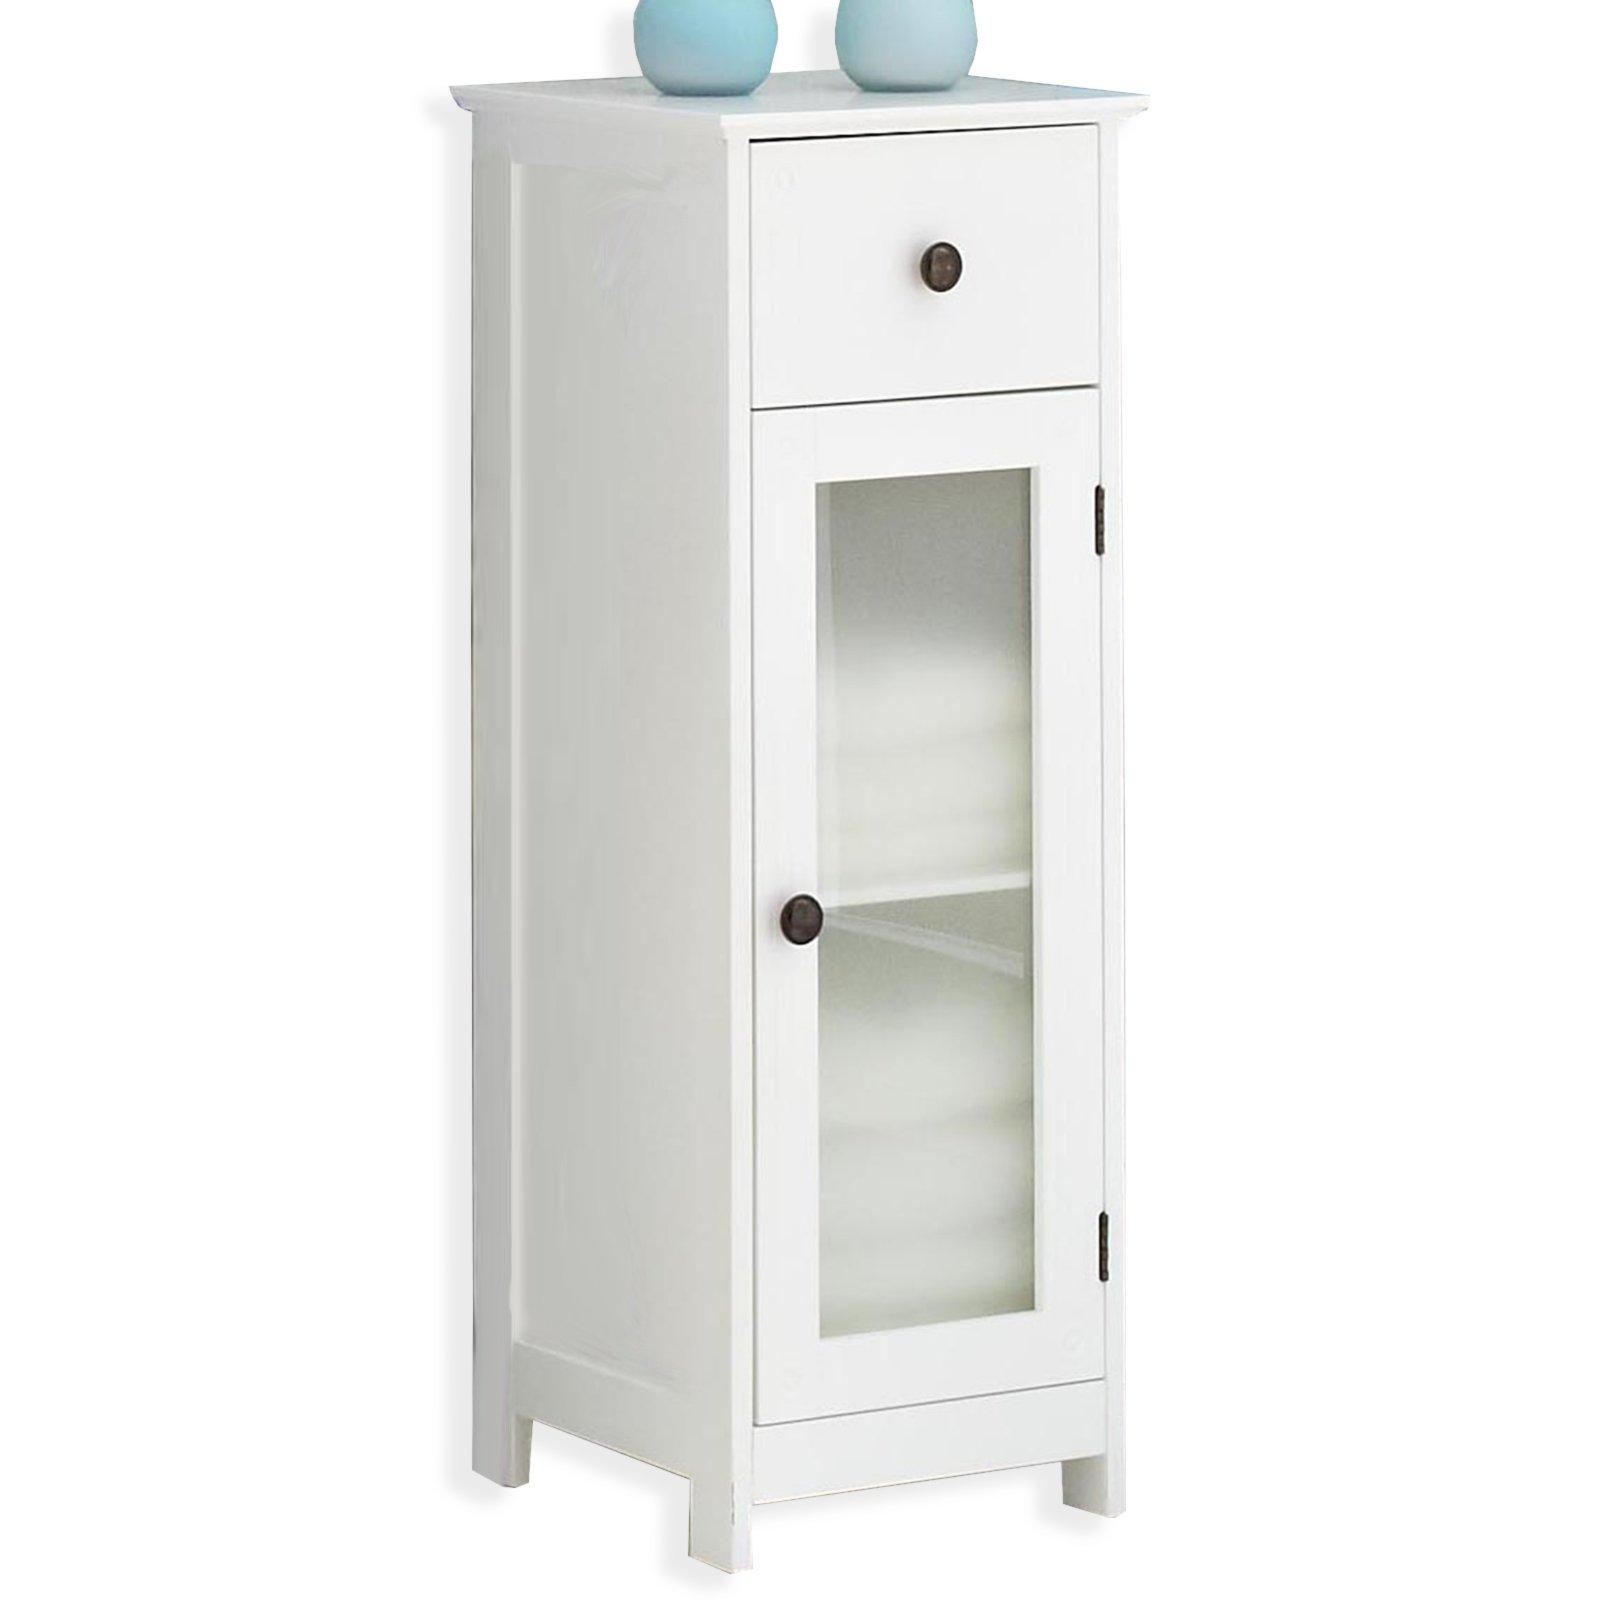 unterschrank maxim wei hochglanz glas badezimmer hoch midischr nke badm bel. Black Bedroom Furniture Sets. Home Design Ideas